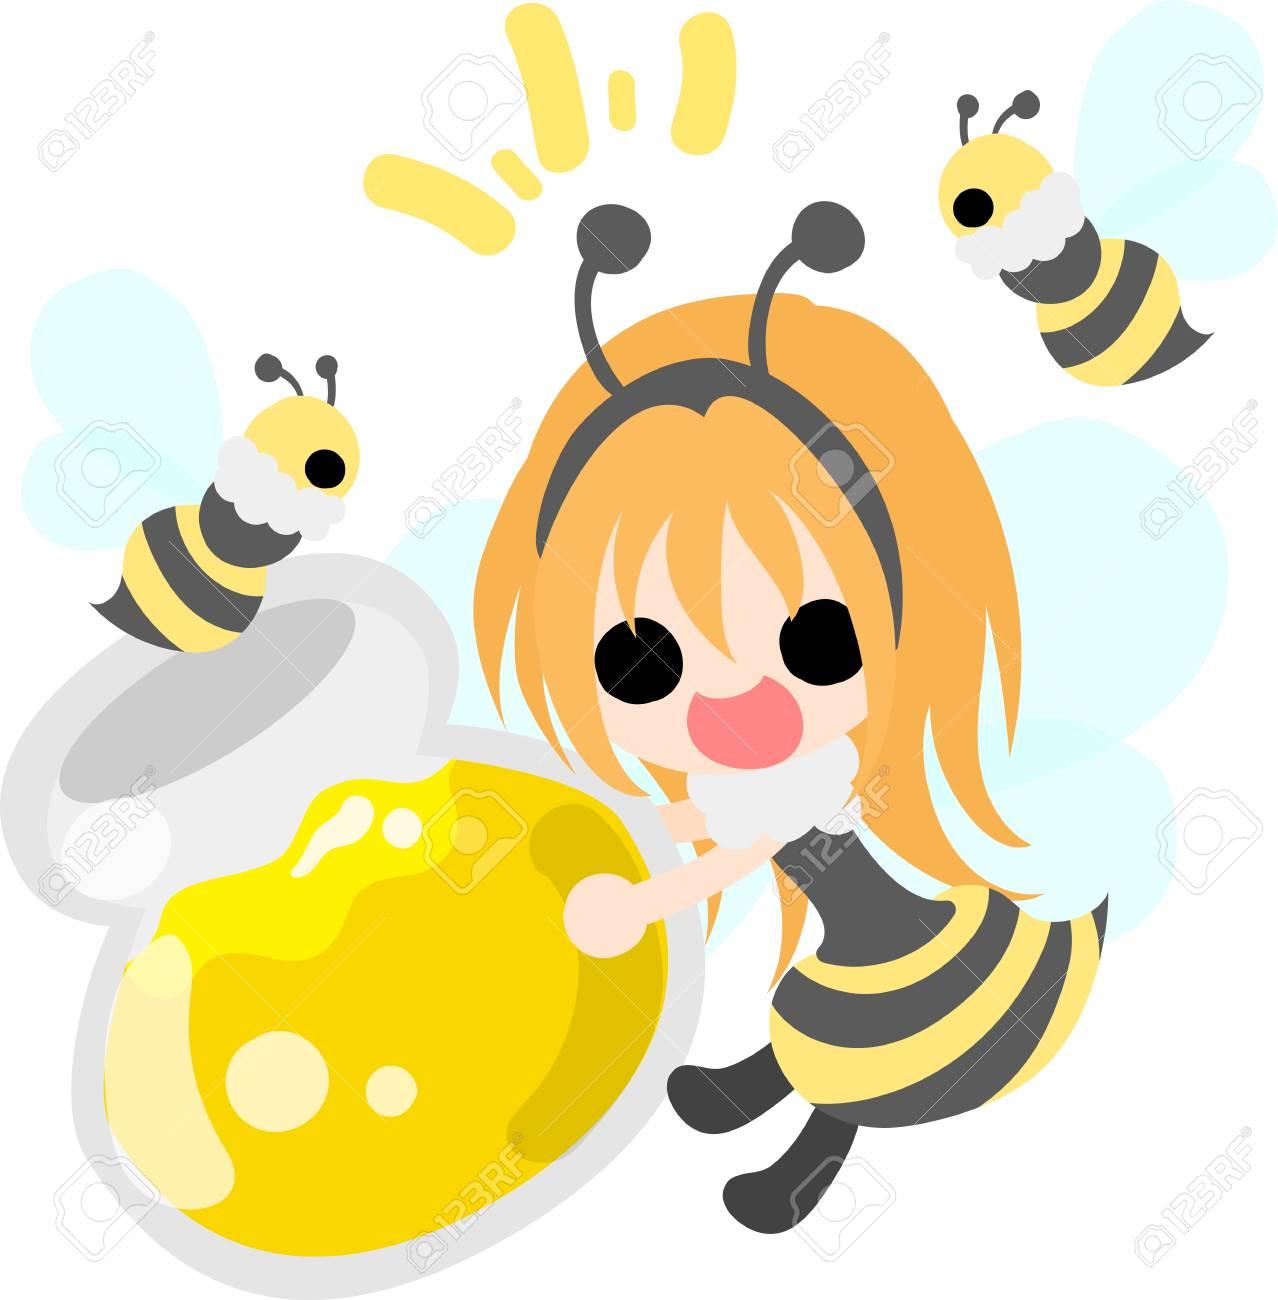 かわいい女の子とミツバチのイラストのイラスト素材 ベクタ Image